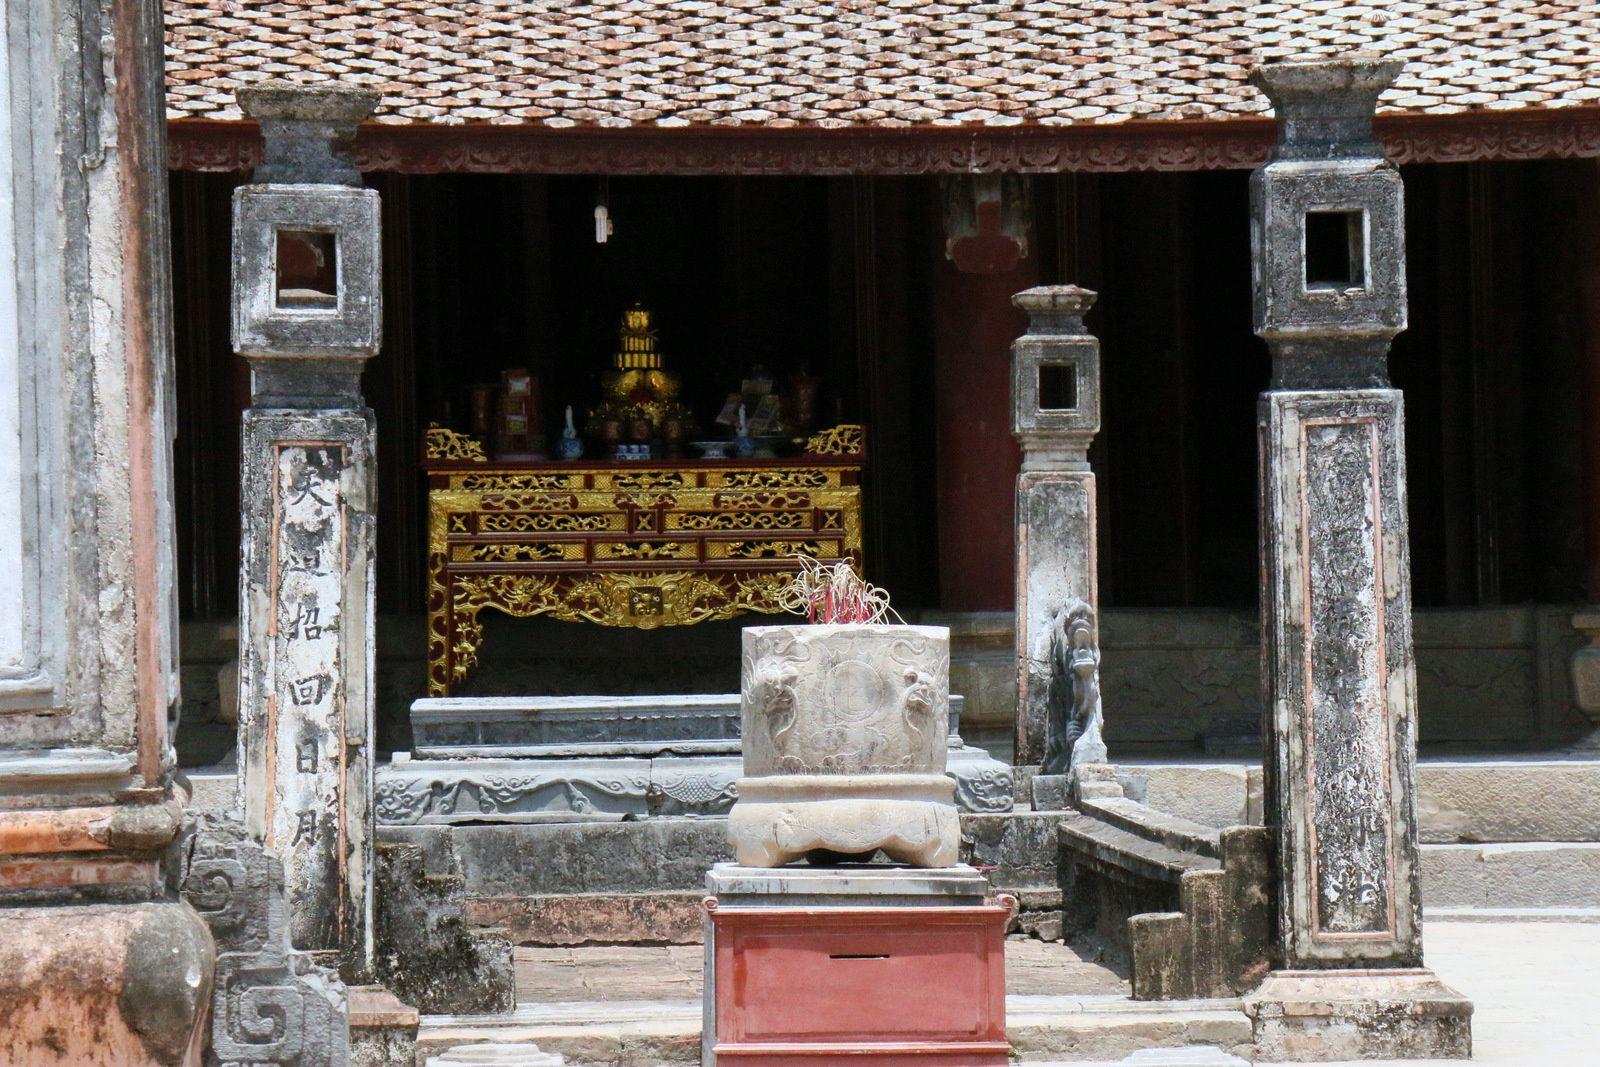 Arrivée au temple du roi Dinh Tiên Hoang, Vietnam